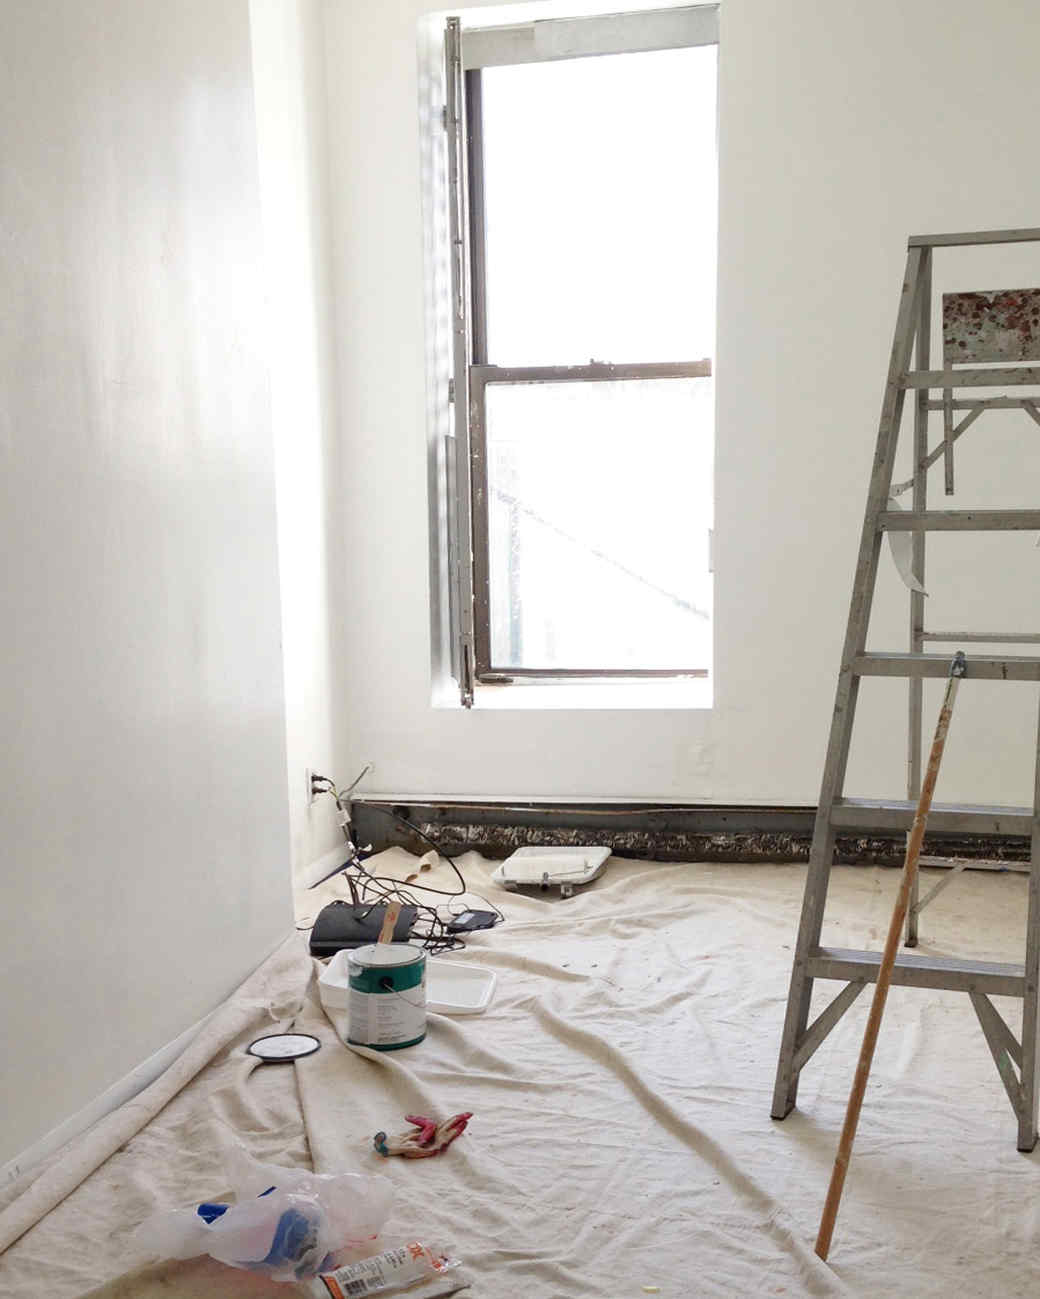 baby-room-before-2-0715.jpg